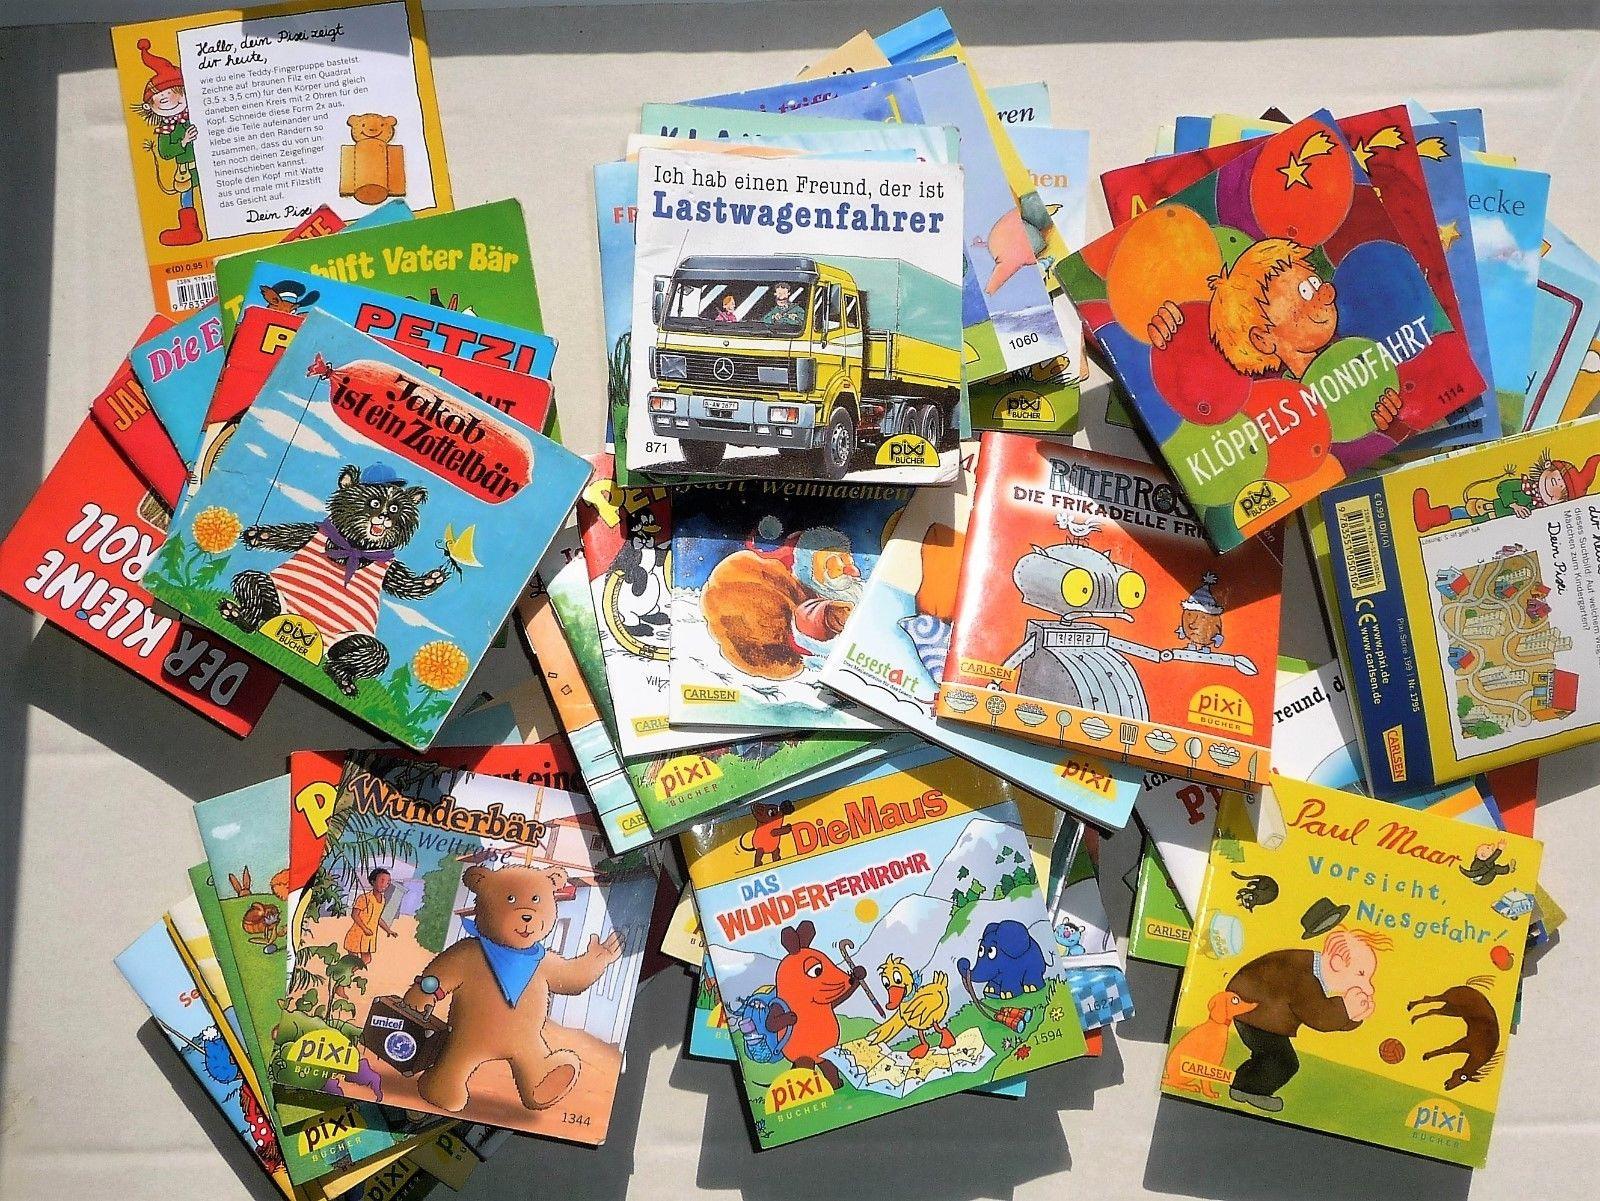 Pixi Sammlung Bücher 91 Stück verschiedene Pixis siehe Liste